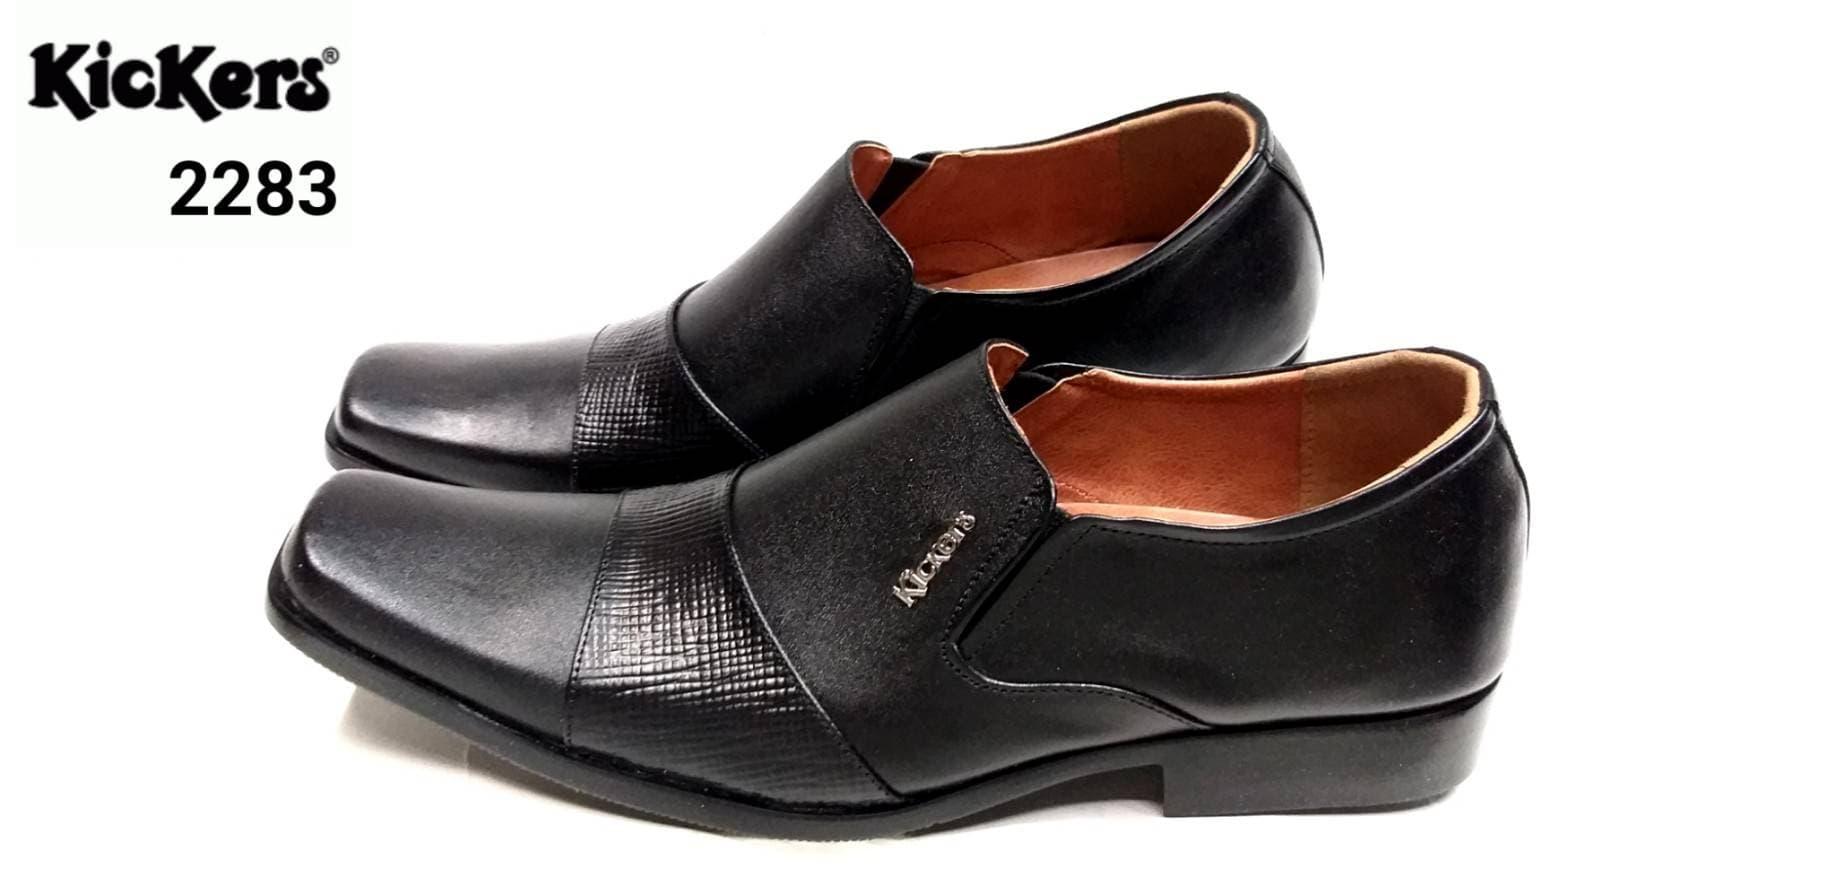 PENAWARAN Sepatu Kickers 2283 Hitam Pantofel Pria Kulit Asli Formal Kerja  Kantor 9d853f30c3